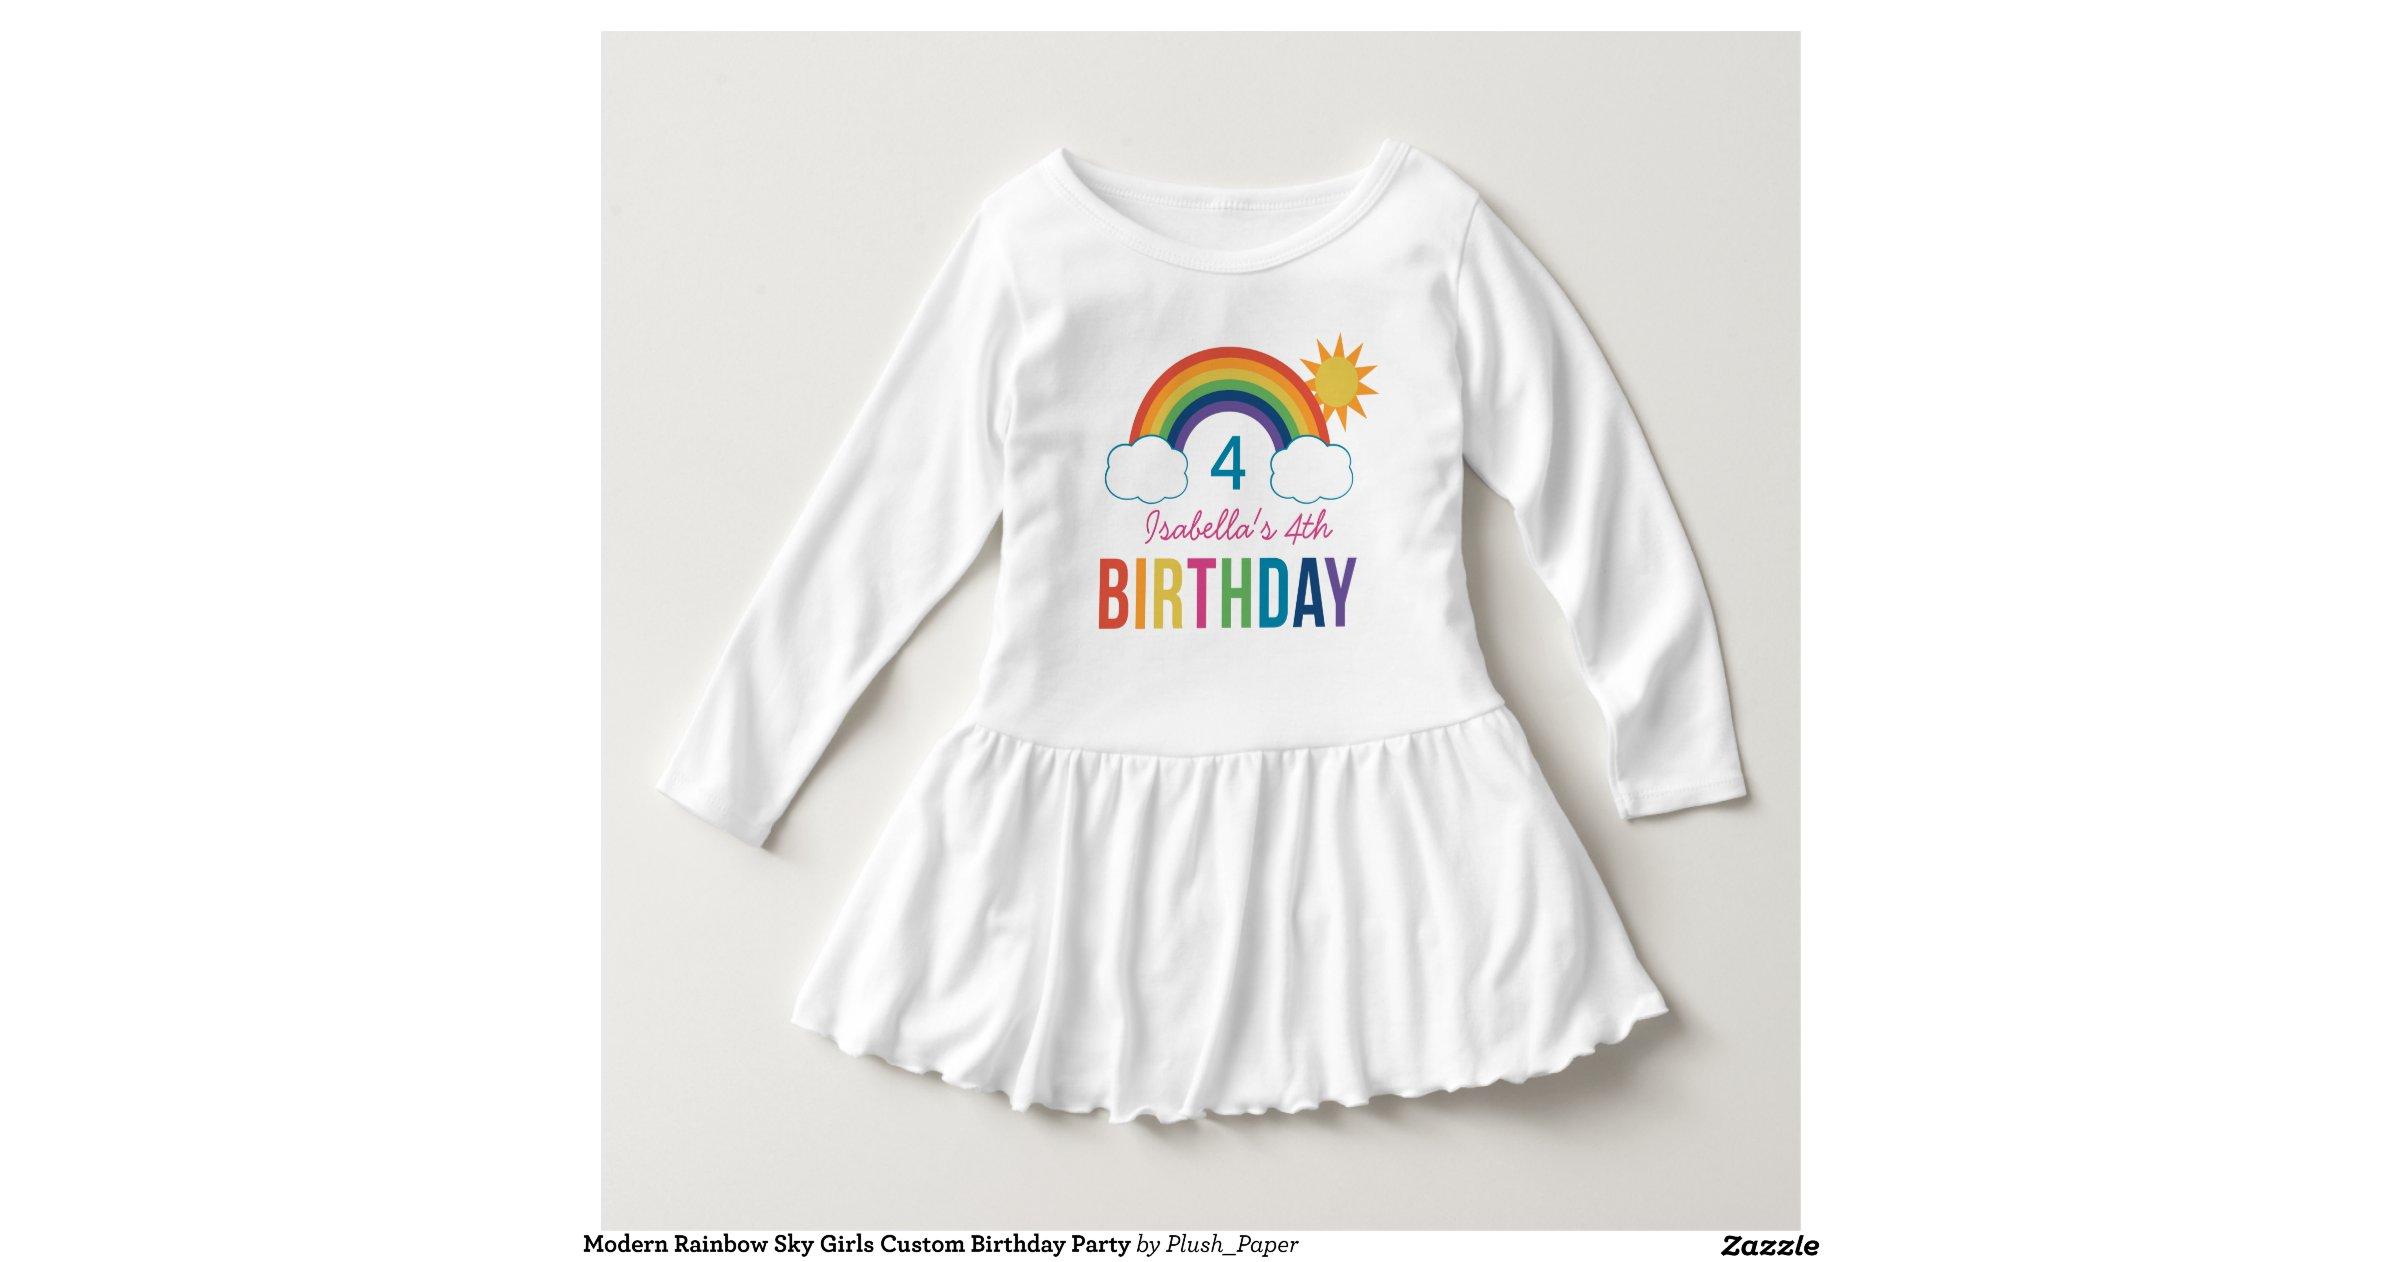 Rainbow birthday shirt custom t shirt design for Zazzle custom t shirts